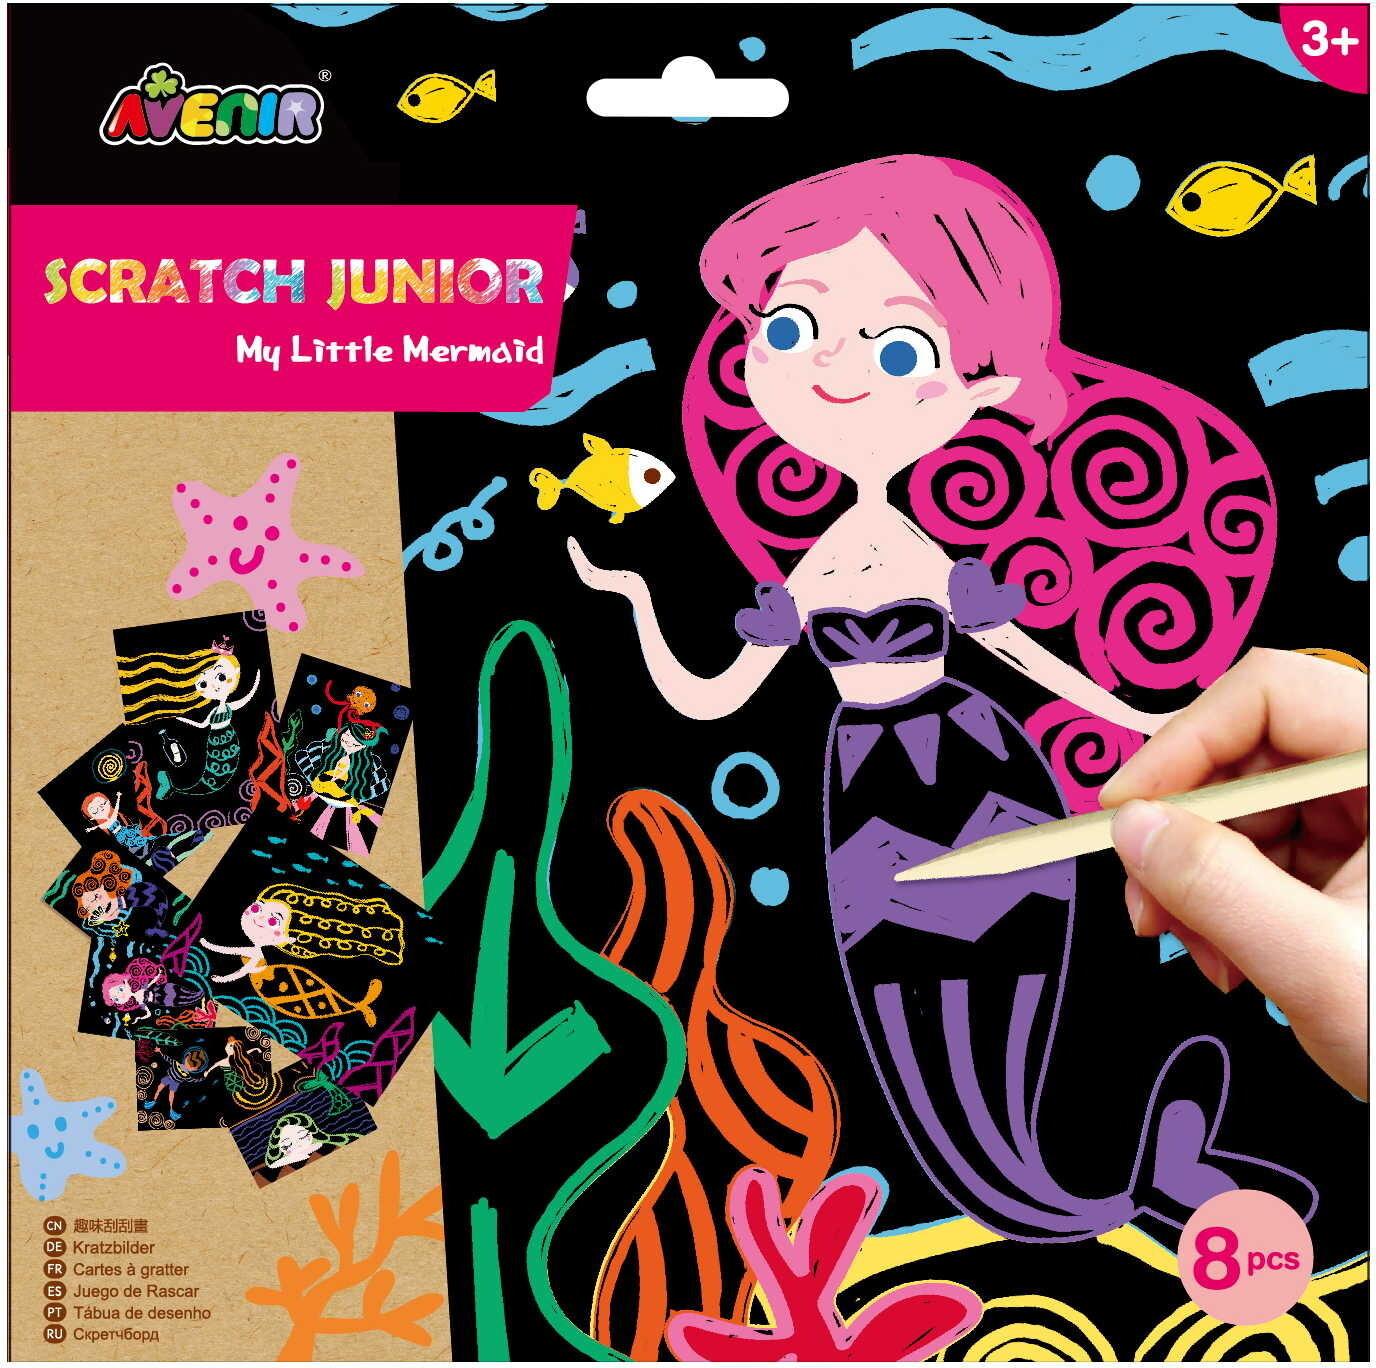 Scratch Junior - Mermaid